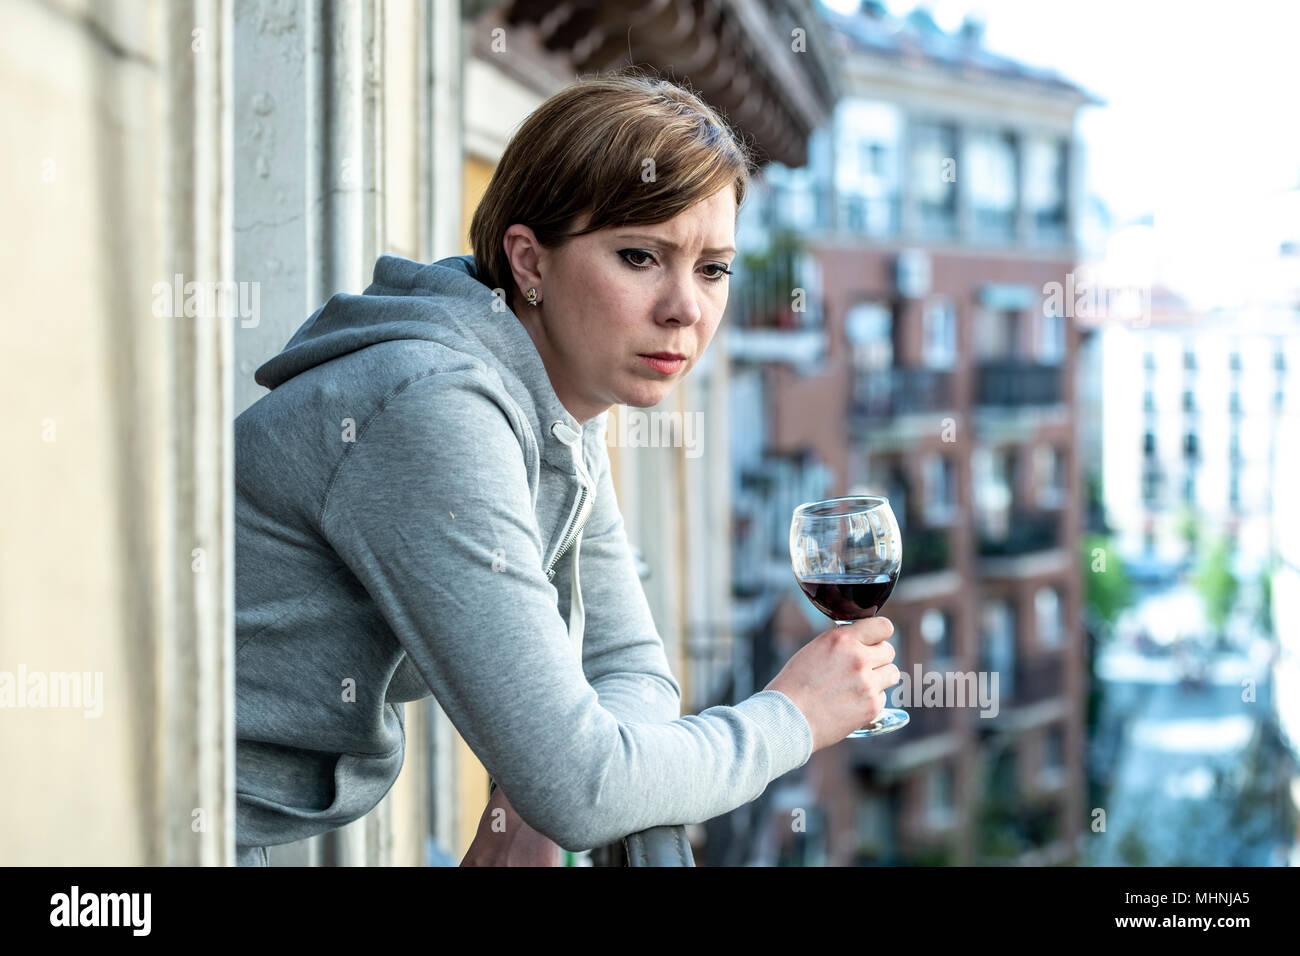 Bella dai capelli rossi donna caucasica affetti da depressione tenendo un bicchiere di vino sul balcone di casa. Guardare fuori sensazione triste, il dolore e il lutto. Immagini Stock